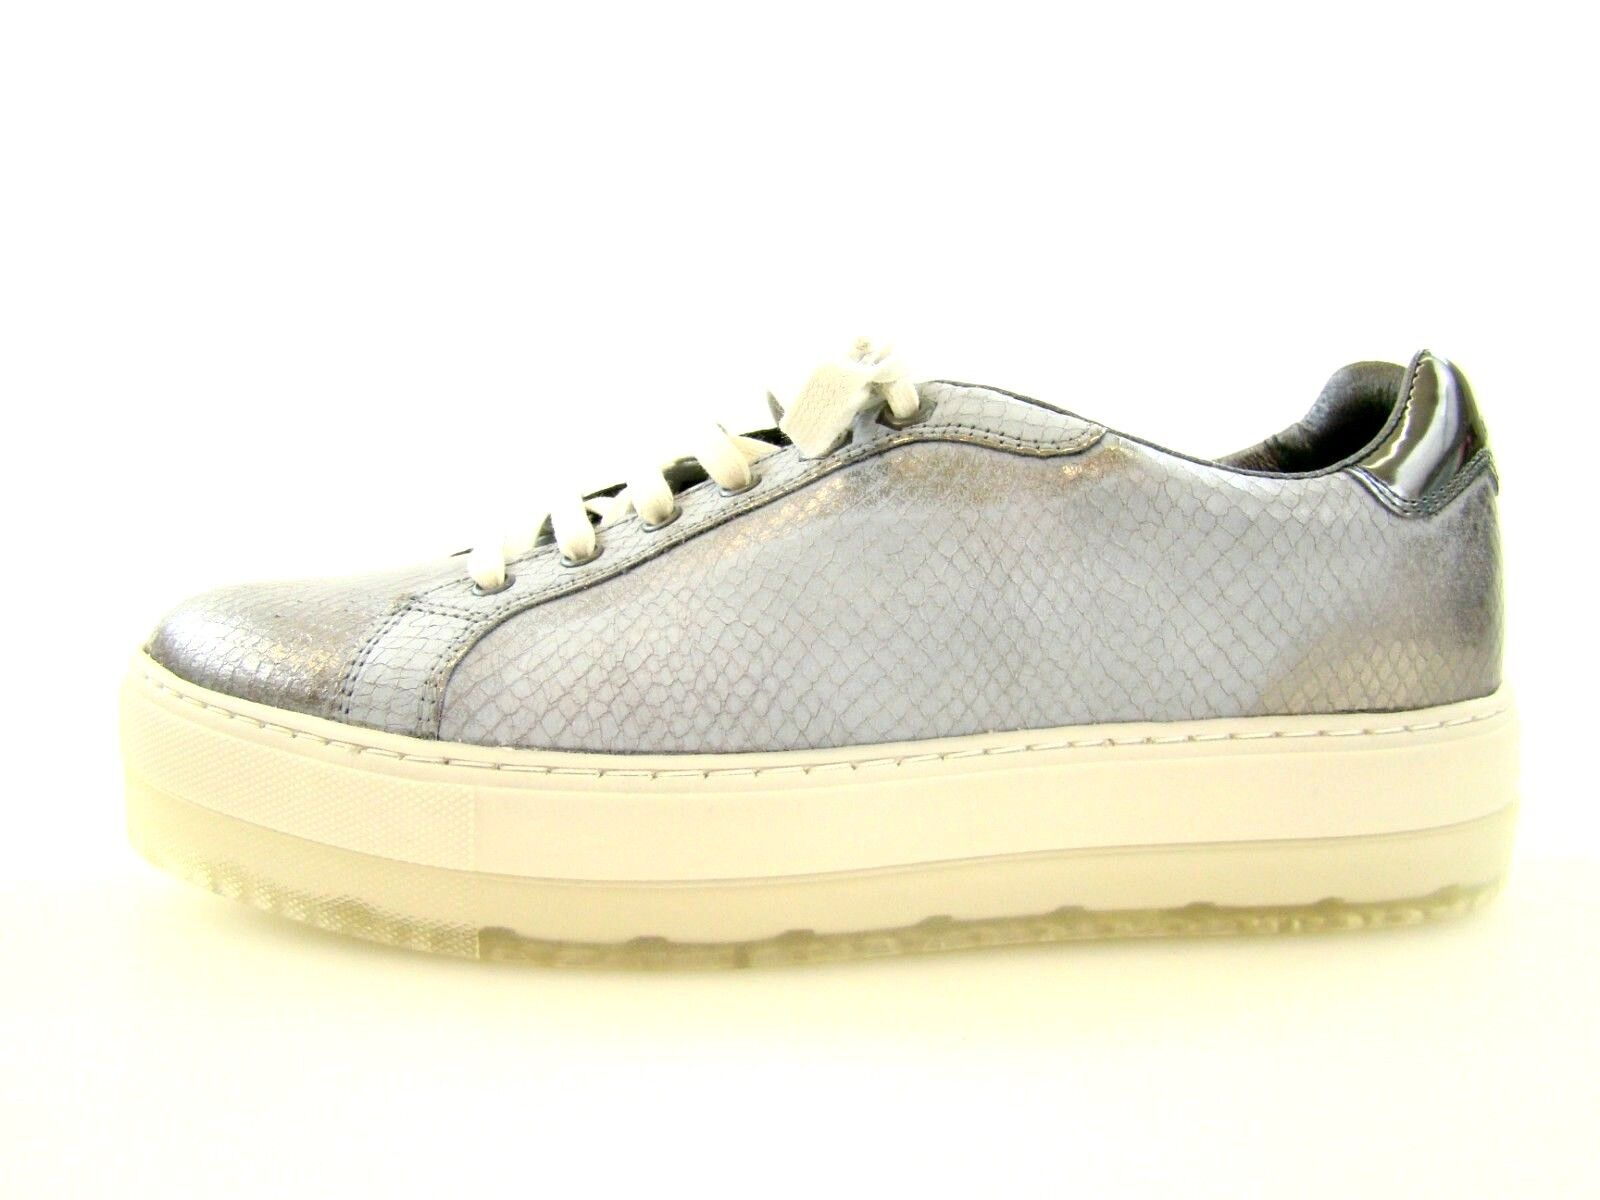 6516 DIESEL Sneaker Plateau Sneaker DIESEL 37 NEU Damen Turnschuhe Halbschuhe dicke Sohle 2d1395